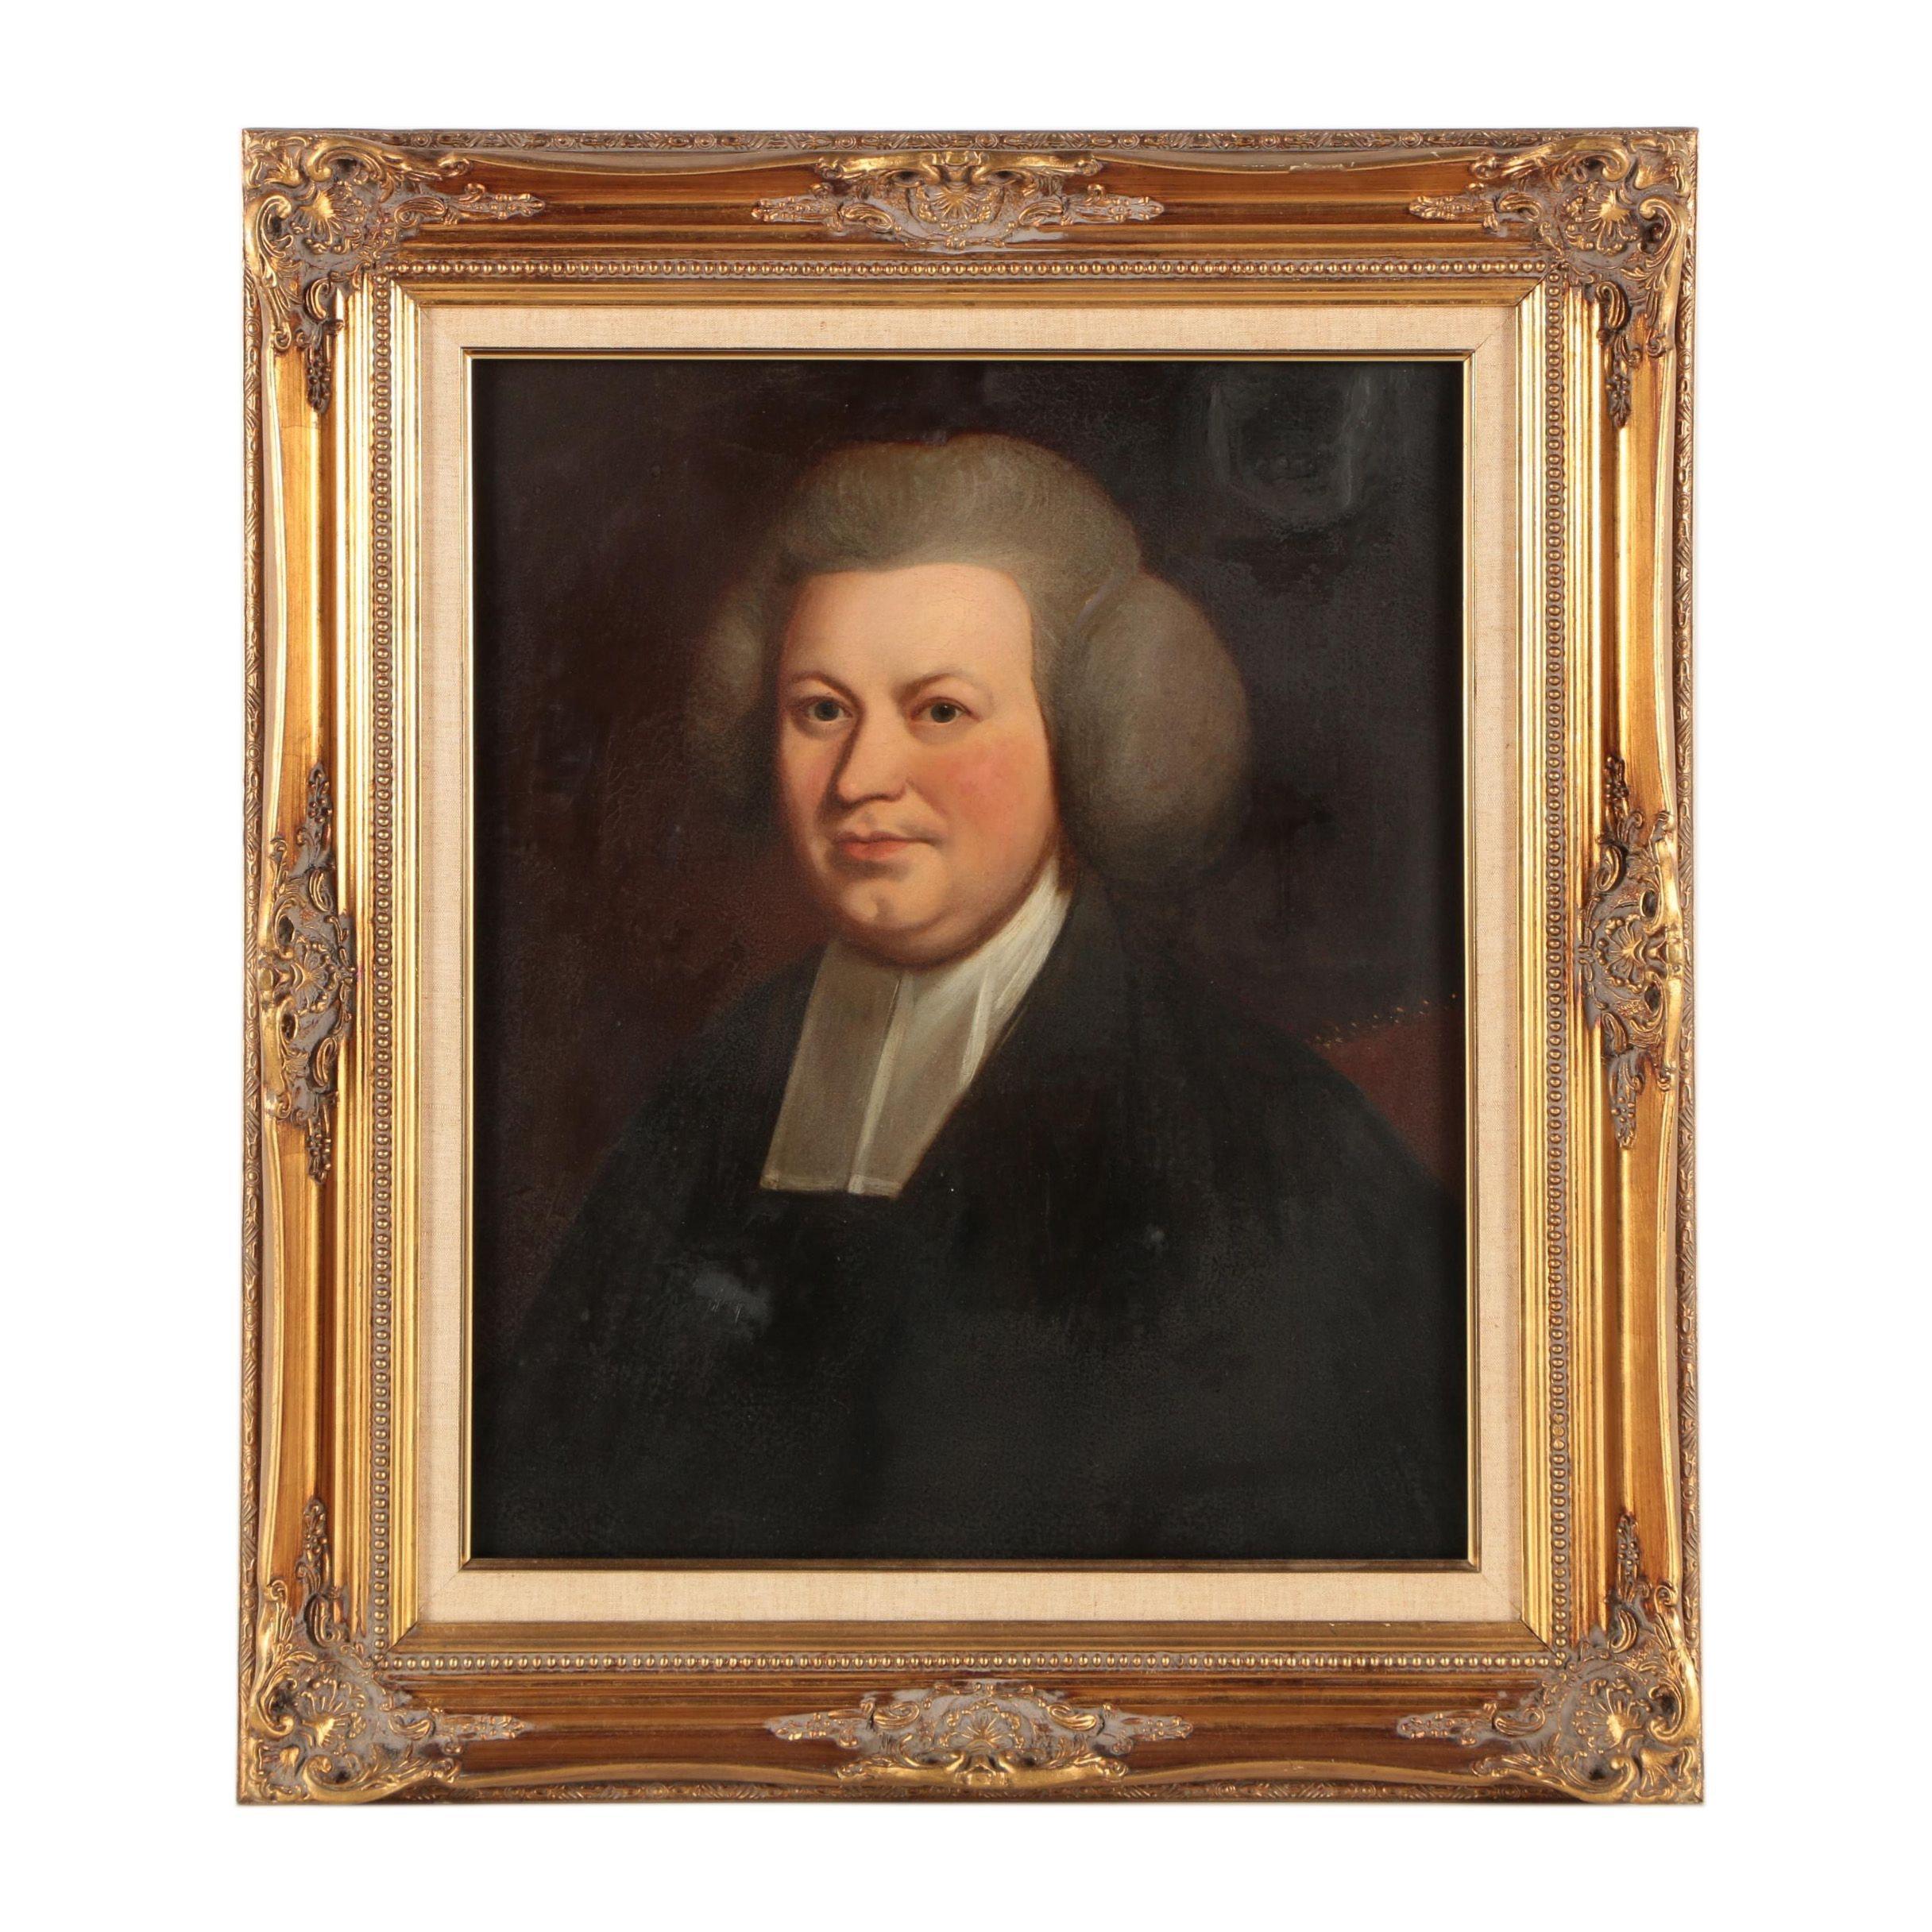 Antique European Oil Painting Portrait